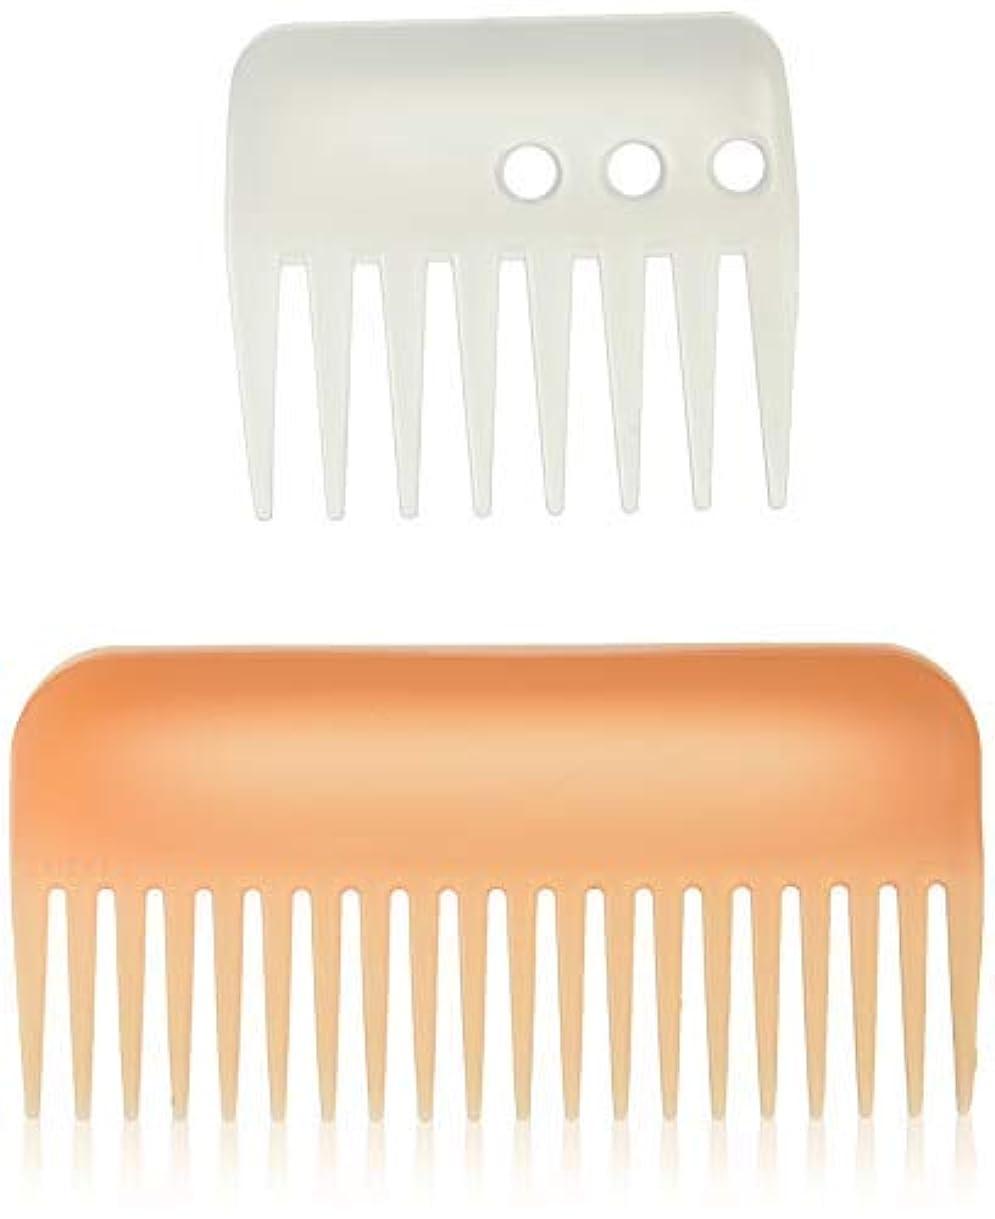 一般的な部分的に管理しますCricket Ultra Clean UC130(colors may vary) [並行輸入品]